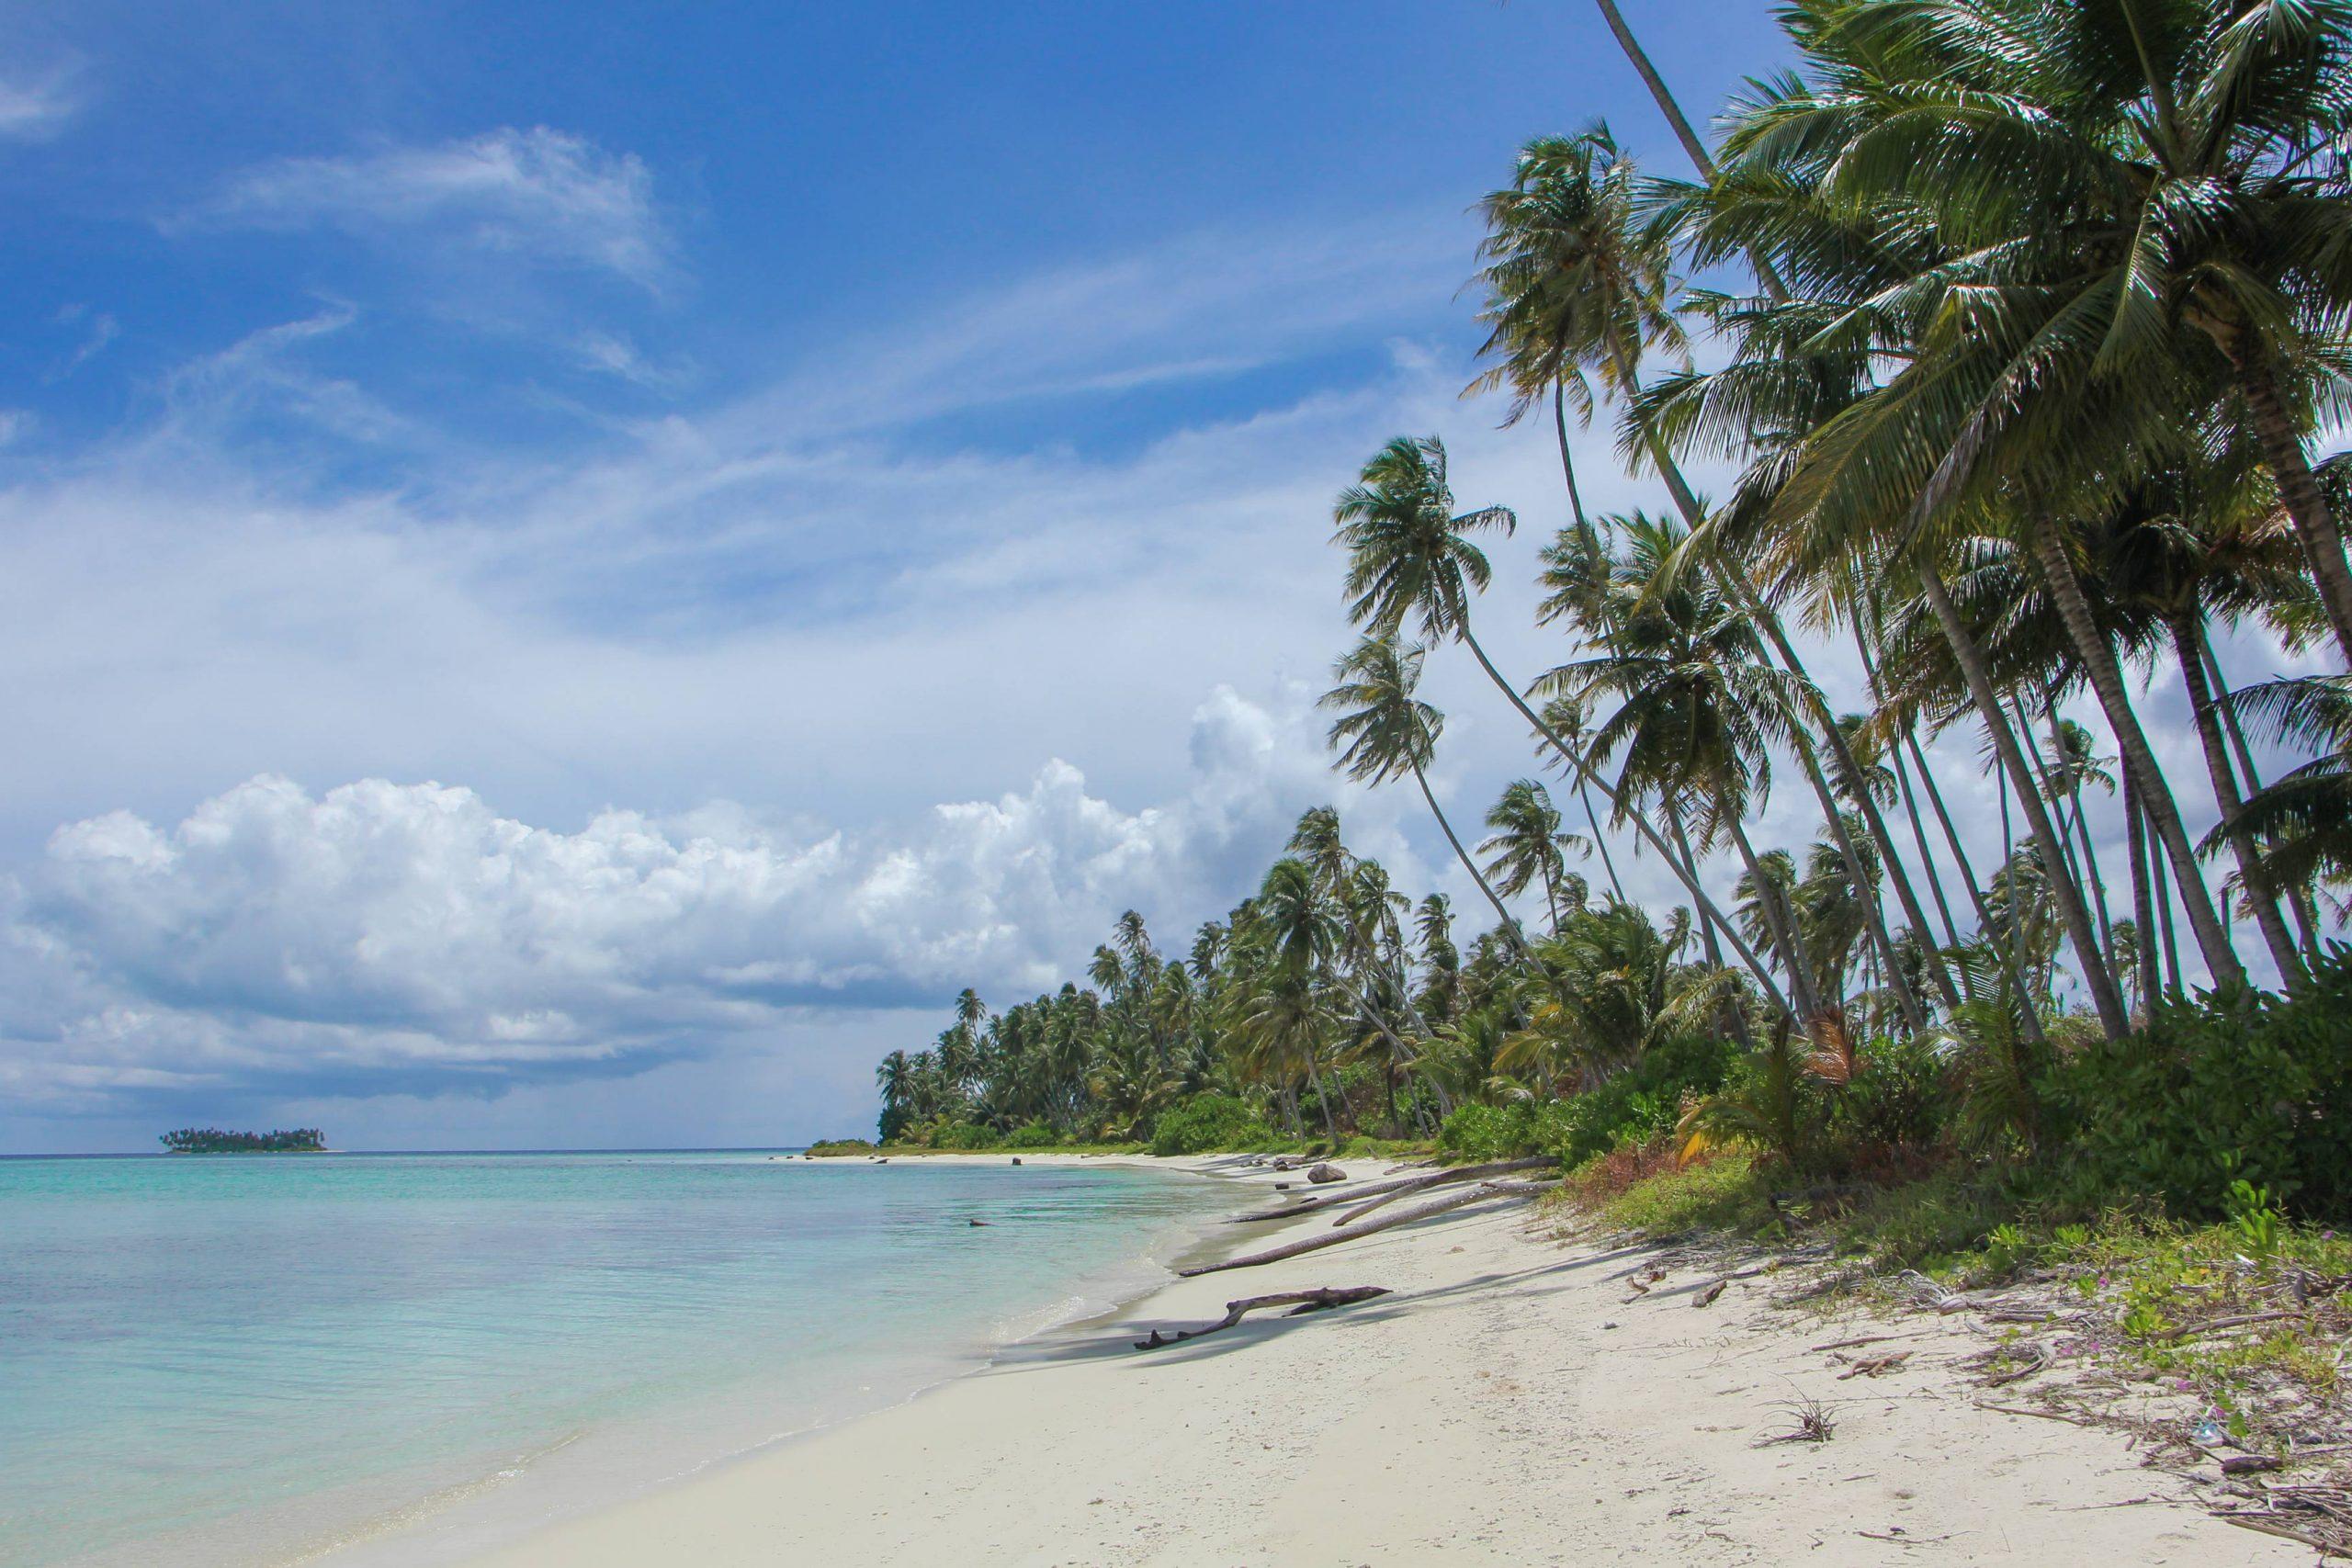 Pulau_Asok_wanda_haris8_compressed